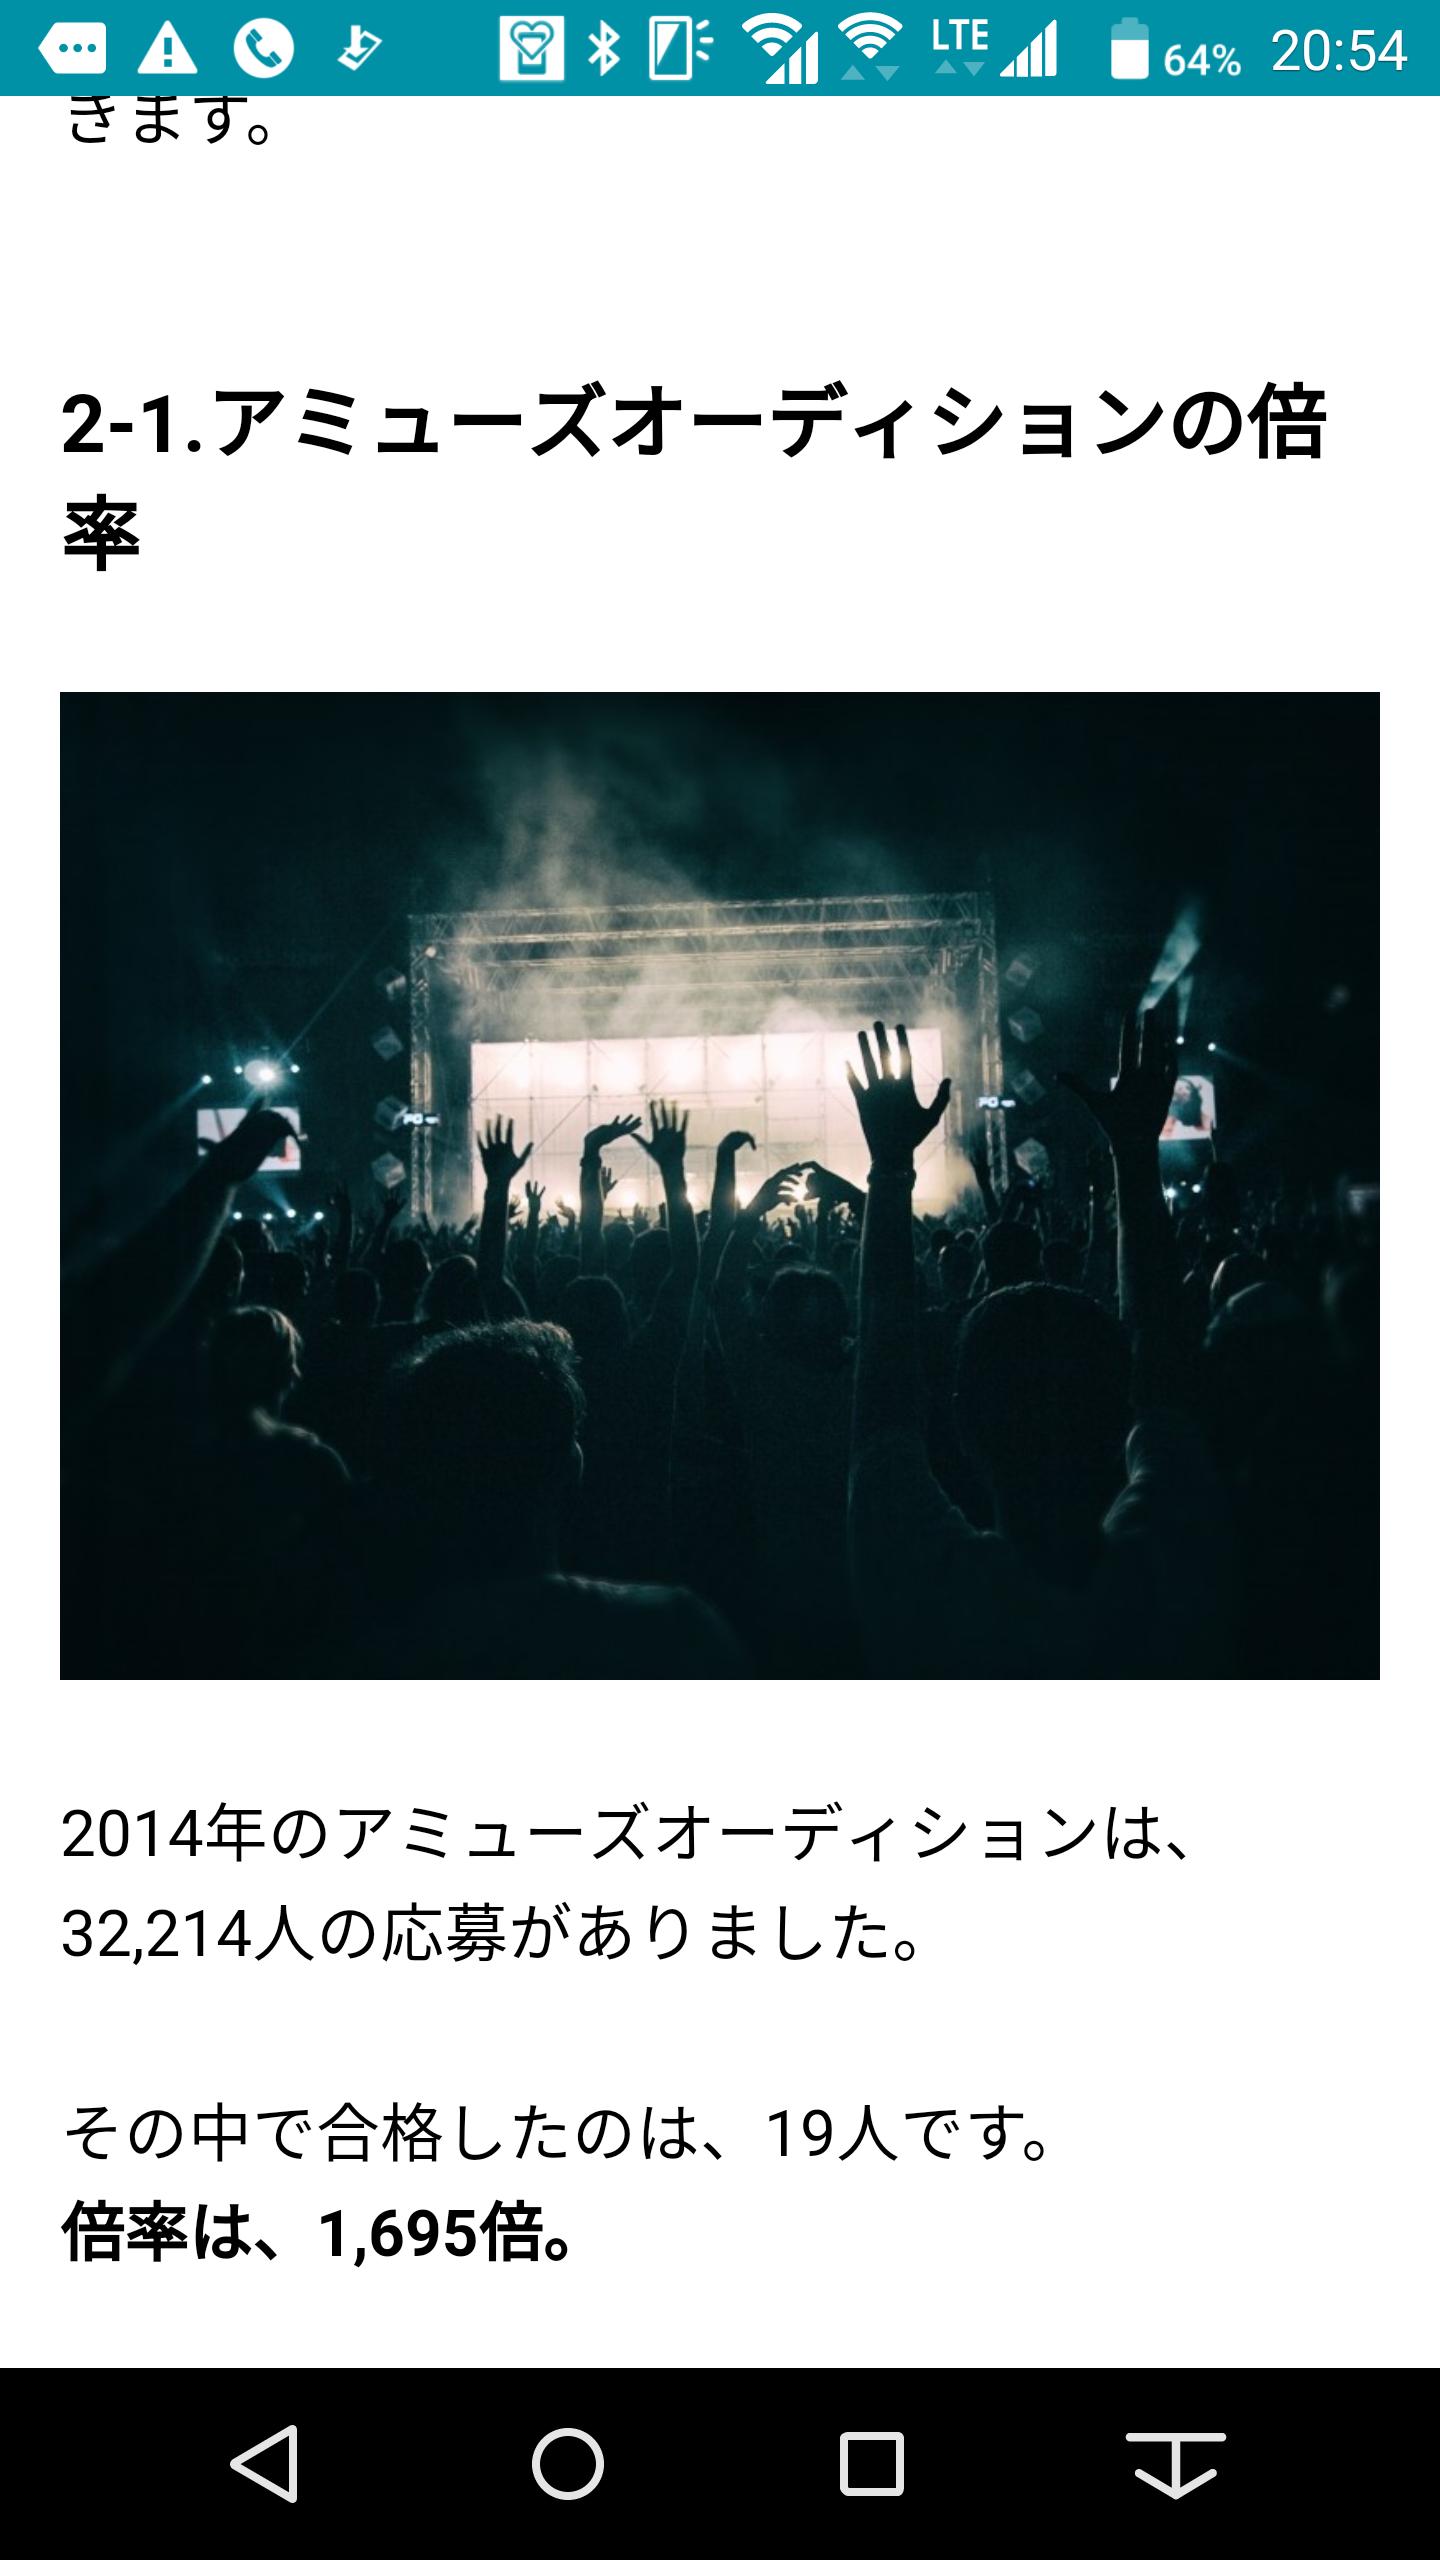 アミューズ、小出恵介との契約終了を発表「彼が新たな環境で歩んでいくことを合意」…昨年5月、未成年女性と飲酒、淫行で謹慎